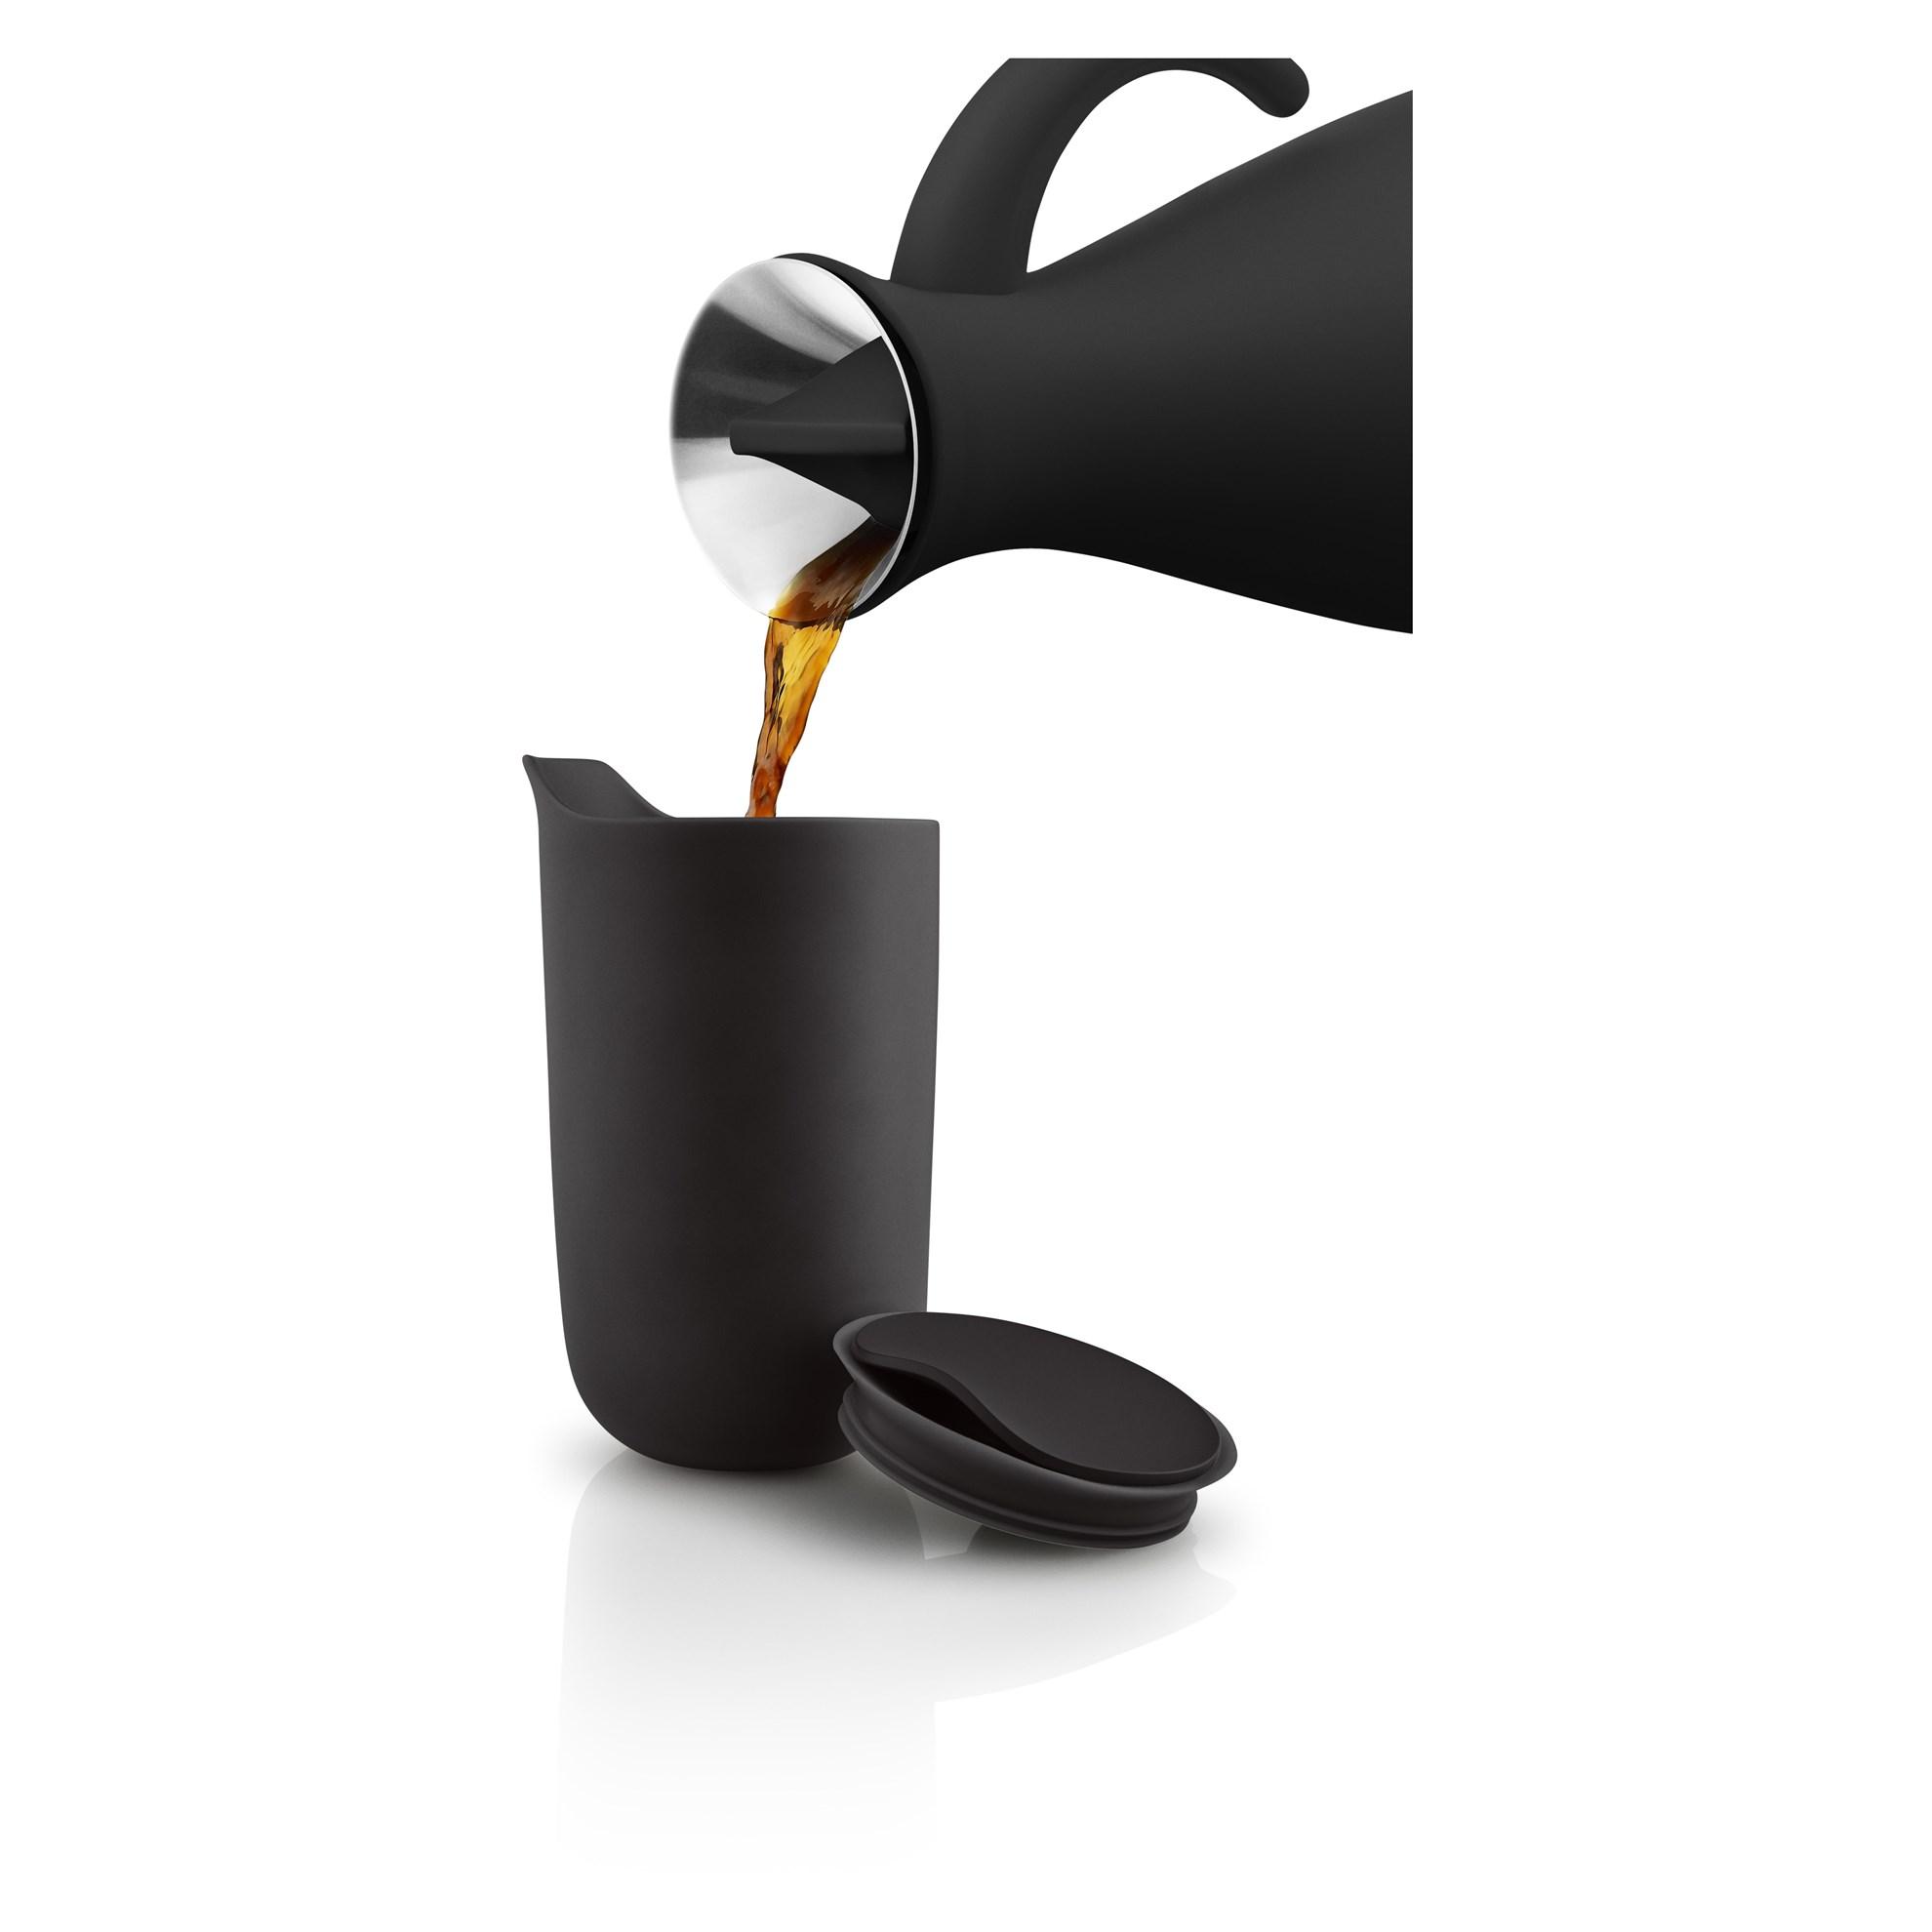 Termohrnek THERMO CUP 0,28l černý_1